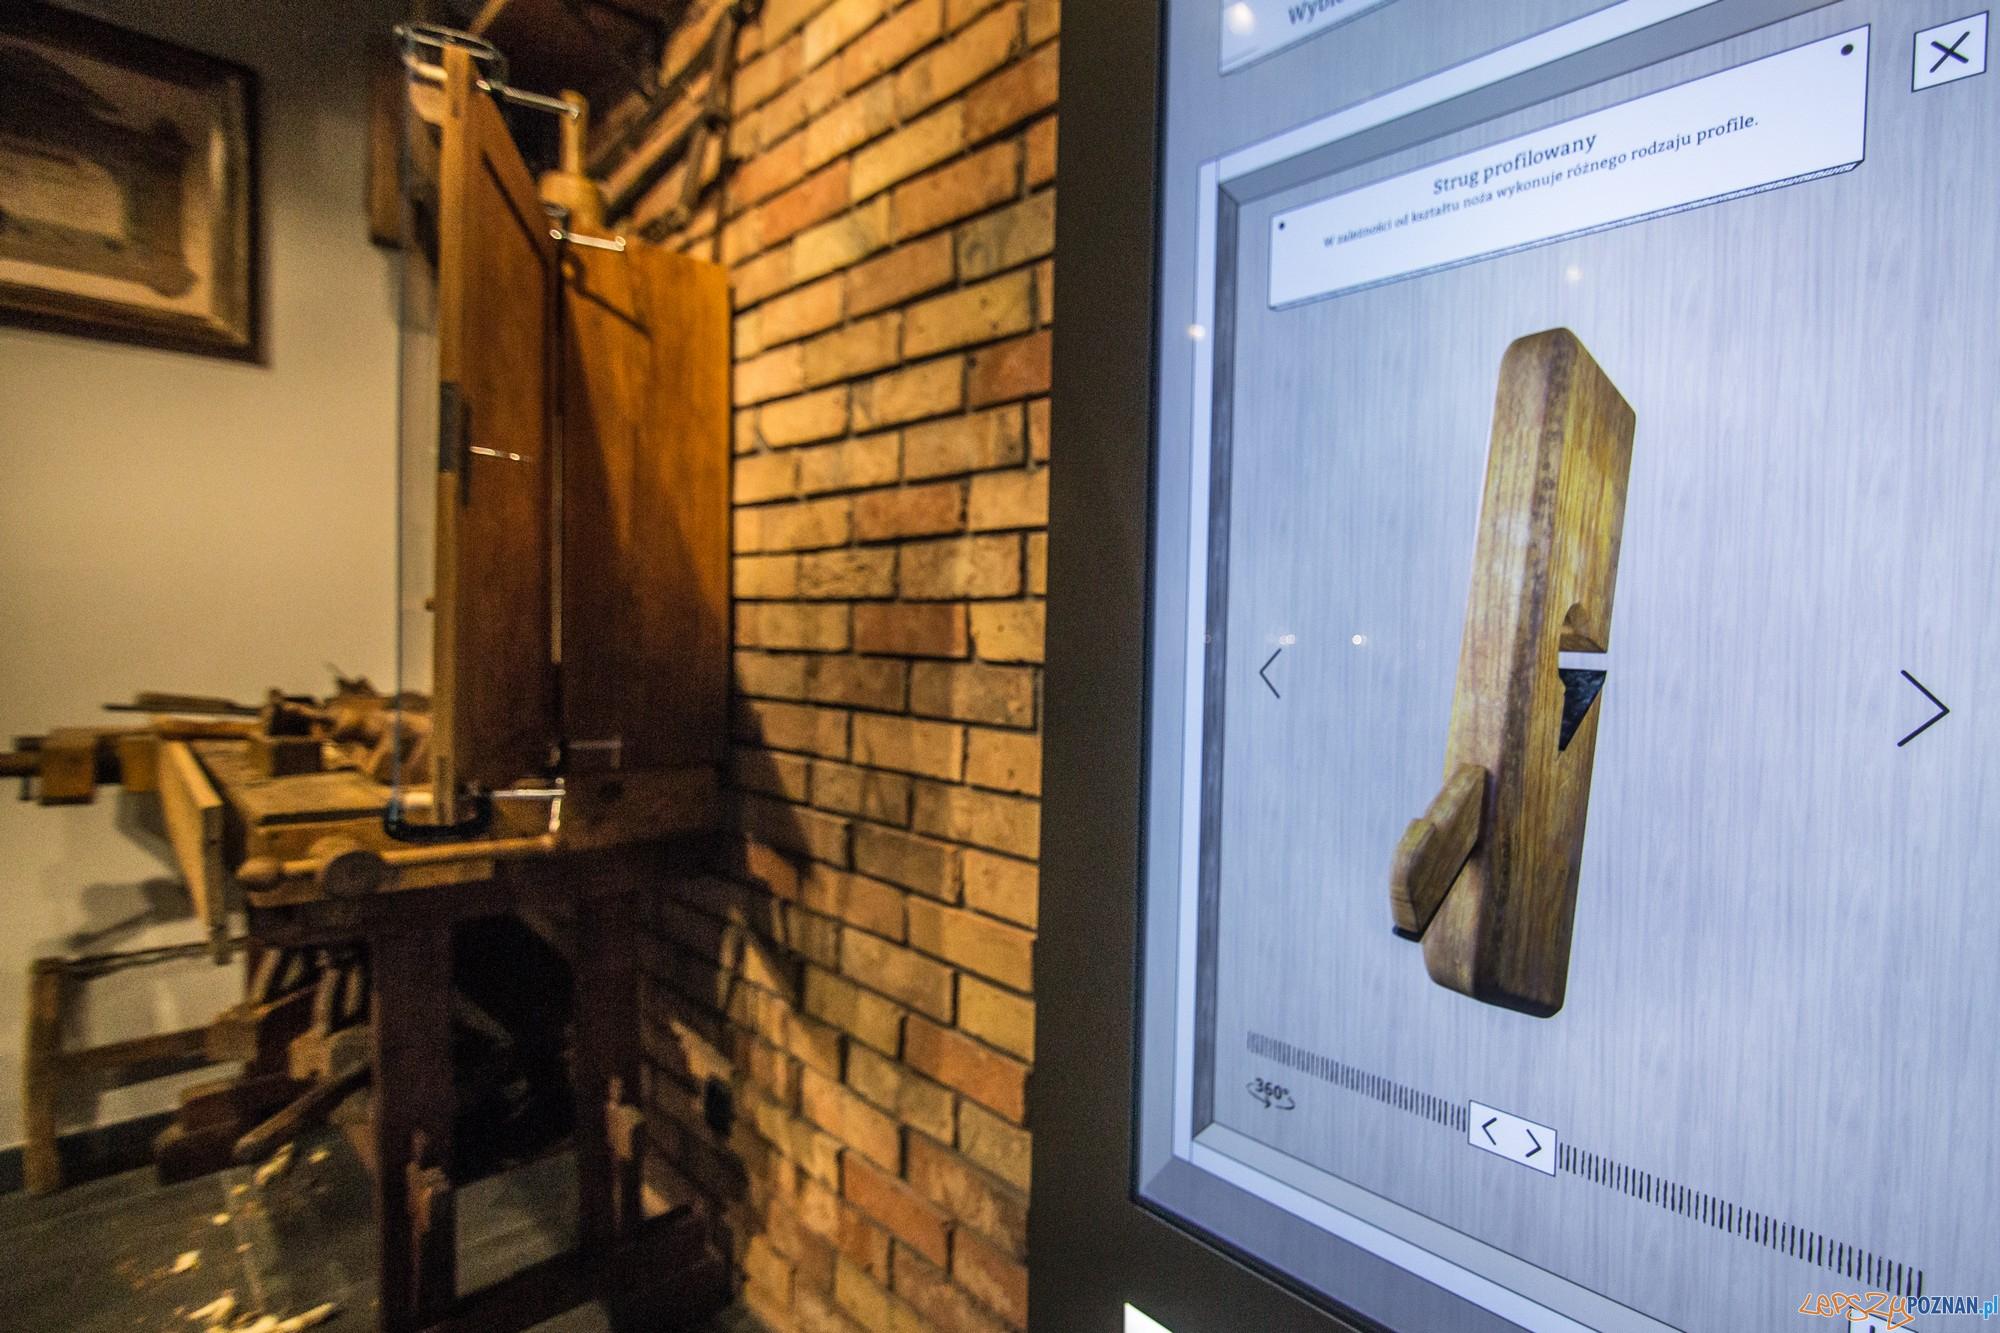 Ekspozycja stolarska Swarzйdzkiego Centrum Historii i Sztuki (fot. Jakub Pindych PLOT)  Foto: materiały prasowe PLOT